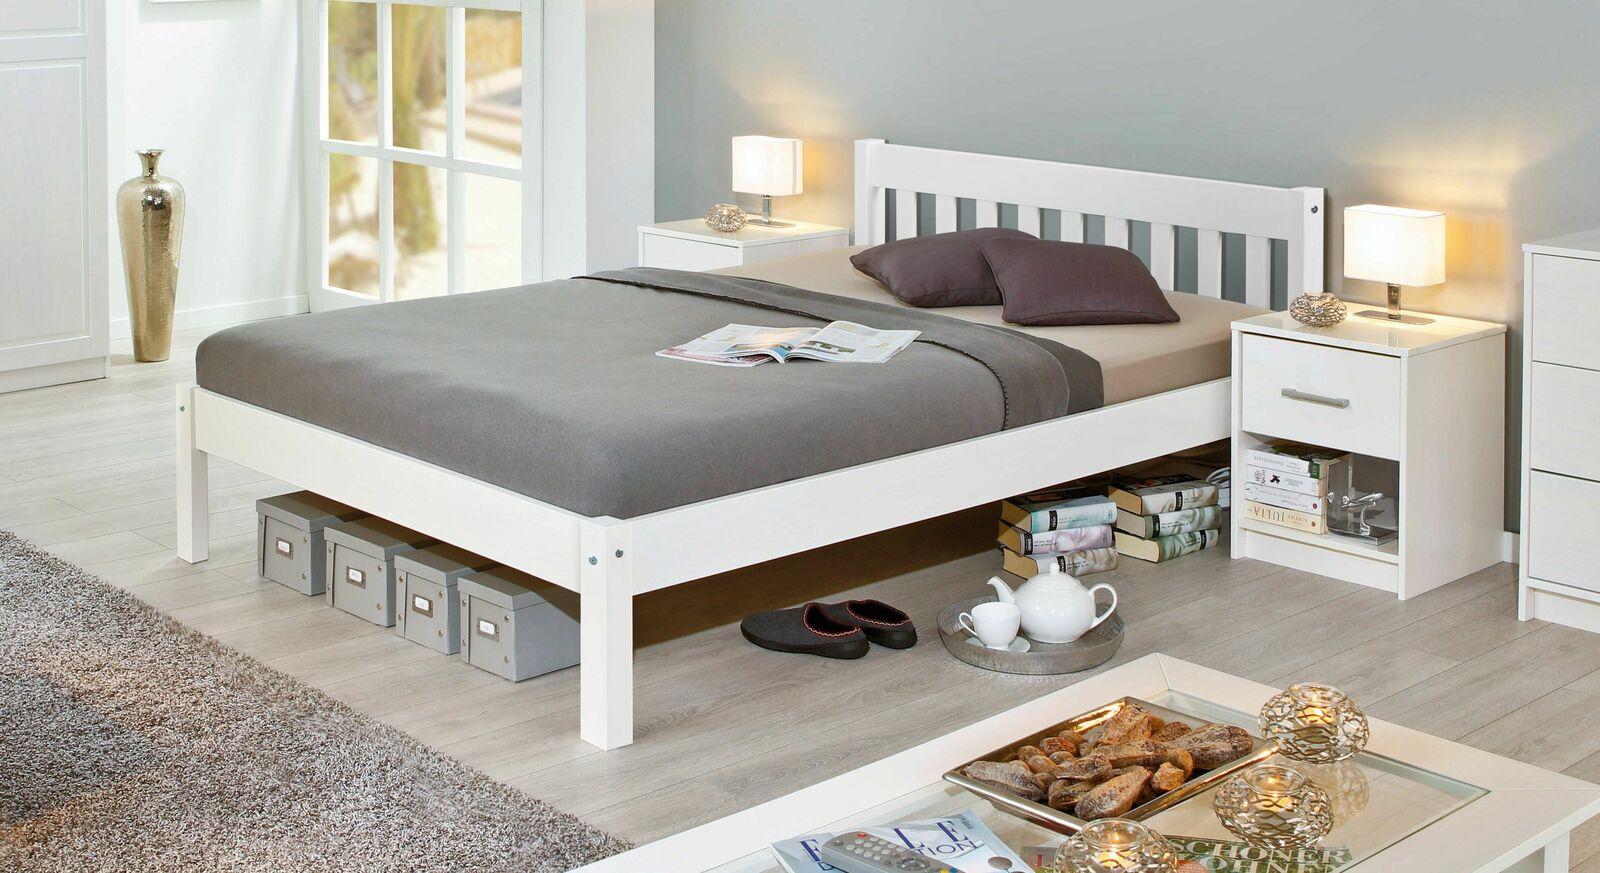 Preiswertes Bett Genf in modernem Design